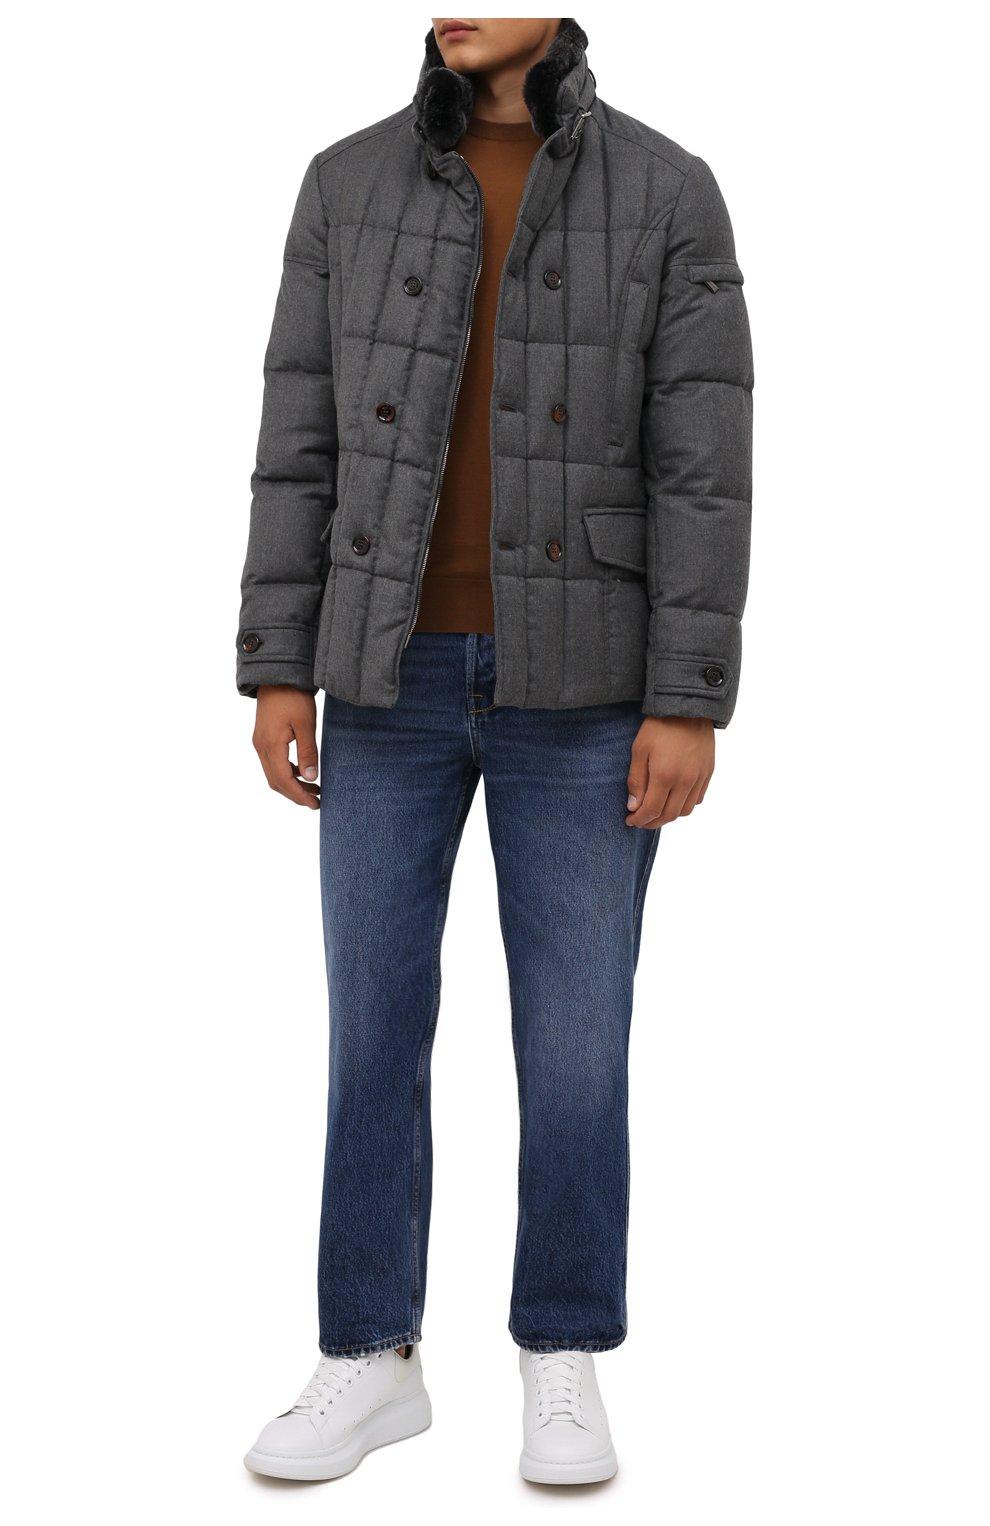 Мужская пуховая куртка с меховой отделкой siro-l MOORER серого цвета, арт. SIR0-L/M0UGI100276-TEPA217   Фото 2 (Кросс-КТ: Куртка; Мужское Кросс-КТ: пуховик-короткий; Материал внешний: Шерсть; Рукава: Длинные; Длина (верхняя одежда): До середины бедра; Стили: Классический; Материал подклада: Синтетический материал; Материал утеплителя: Пух и перо)